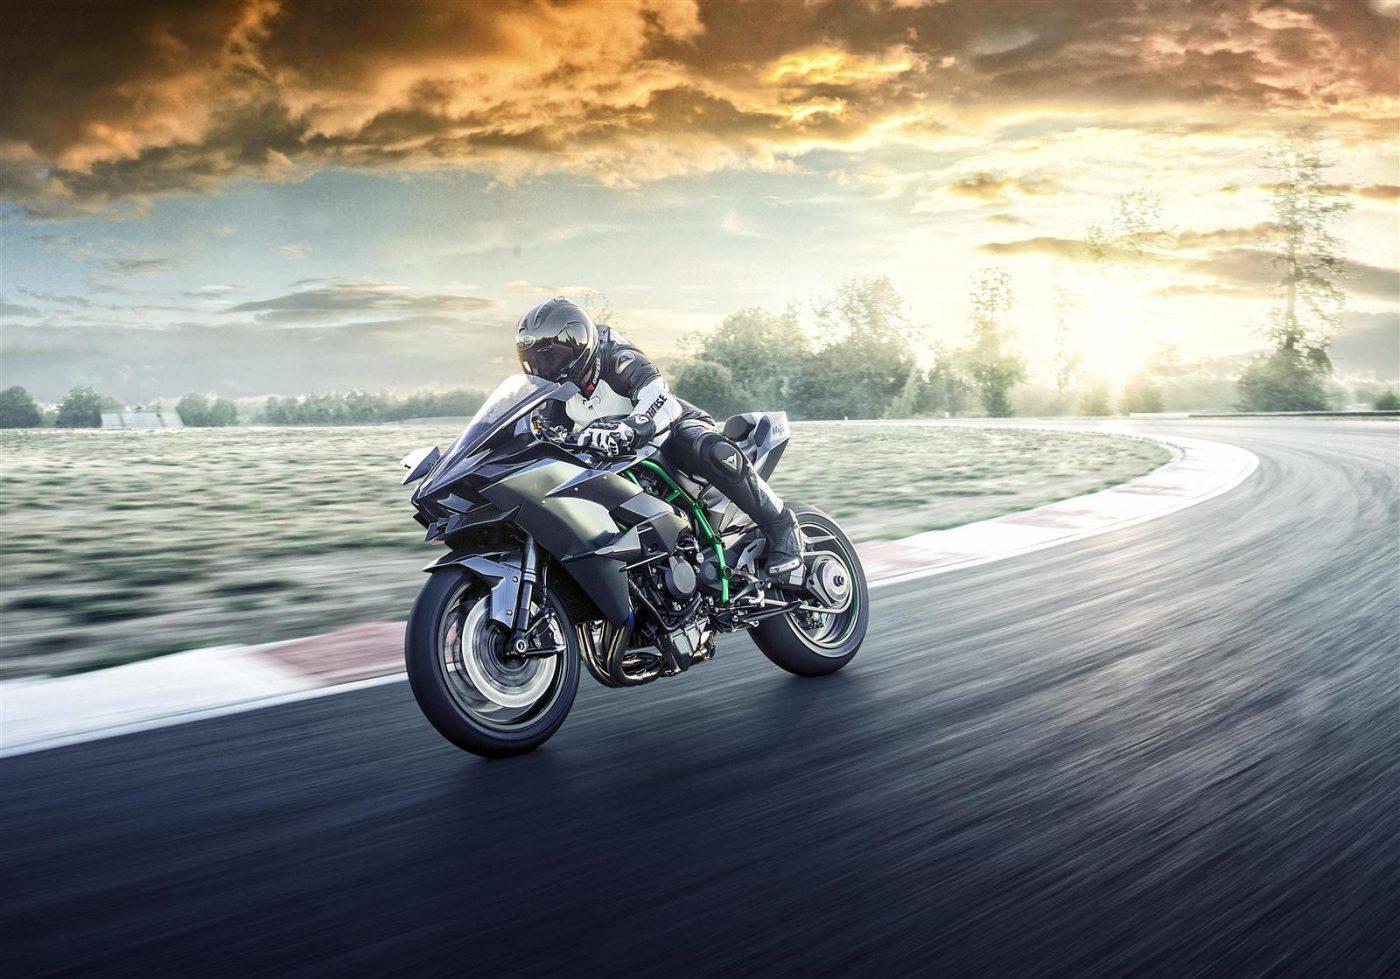 Kawasaki Ninja H2 H2 Carbon Và H2r 2019 Ra Mắt Giá 114 Tỉ đồng